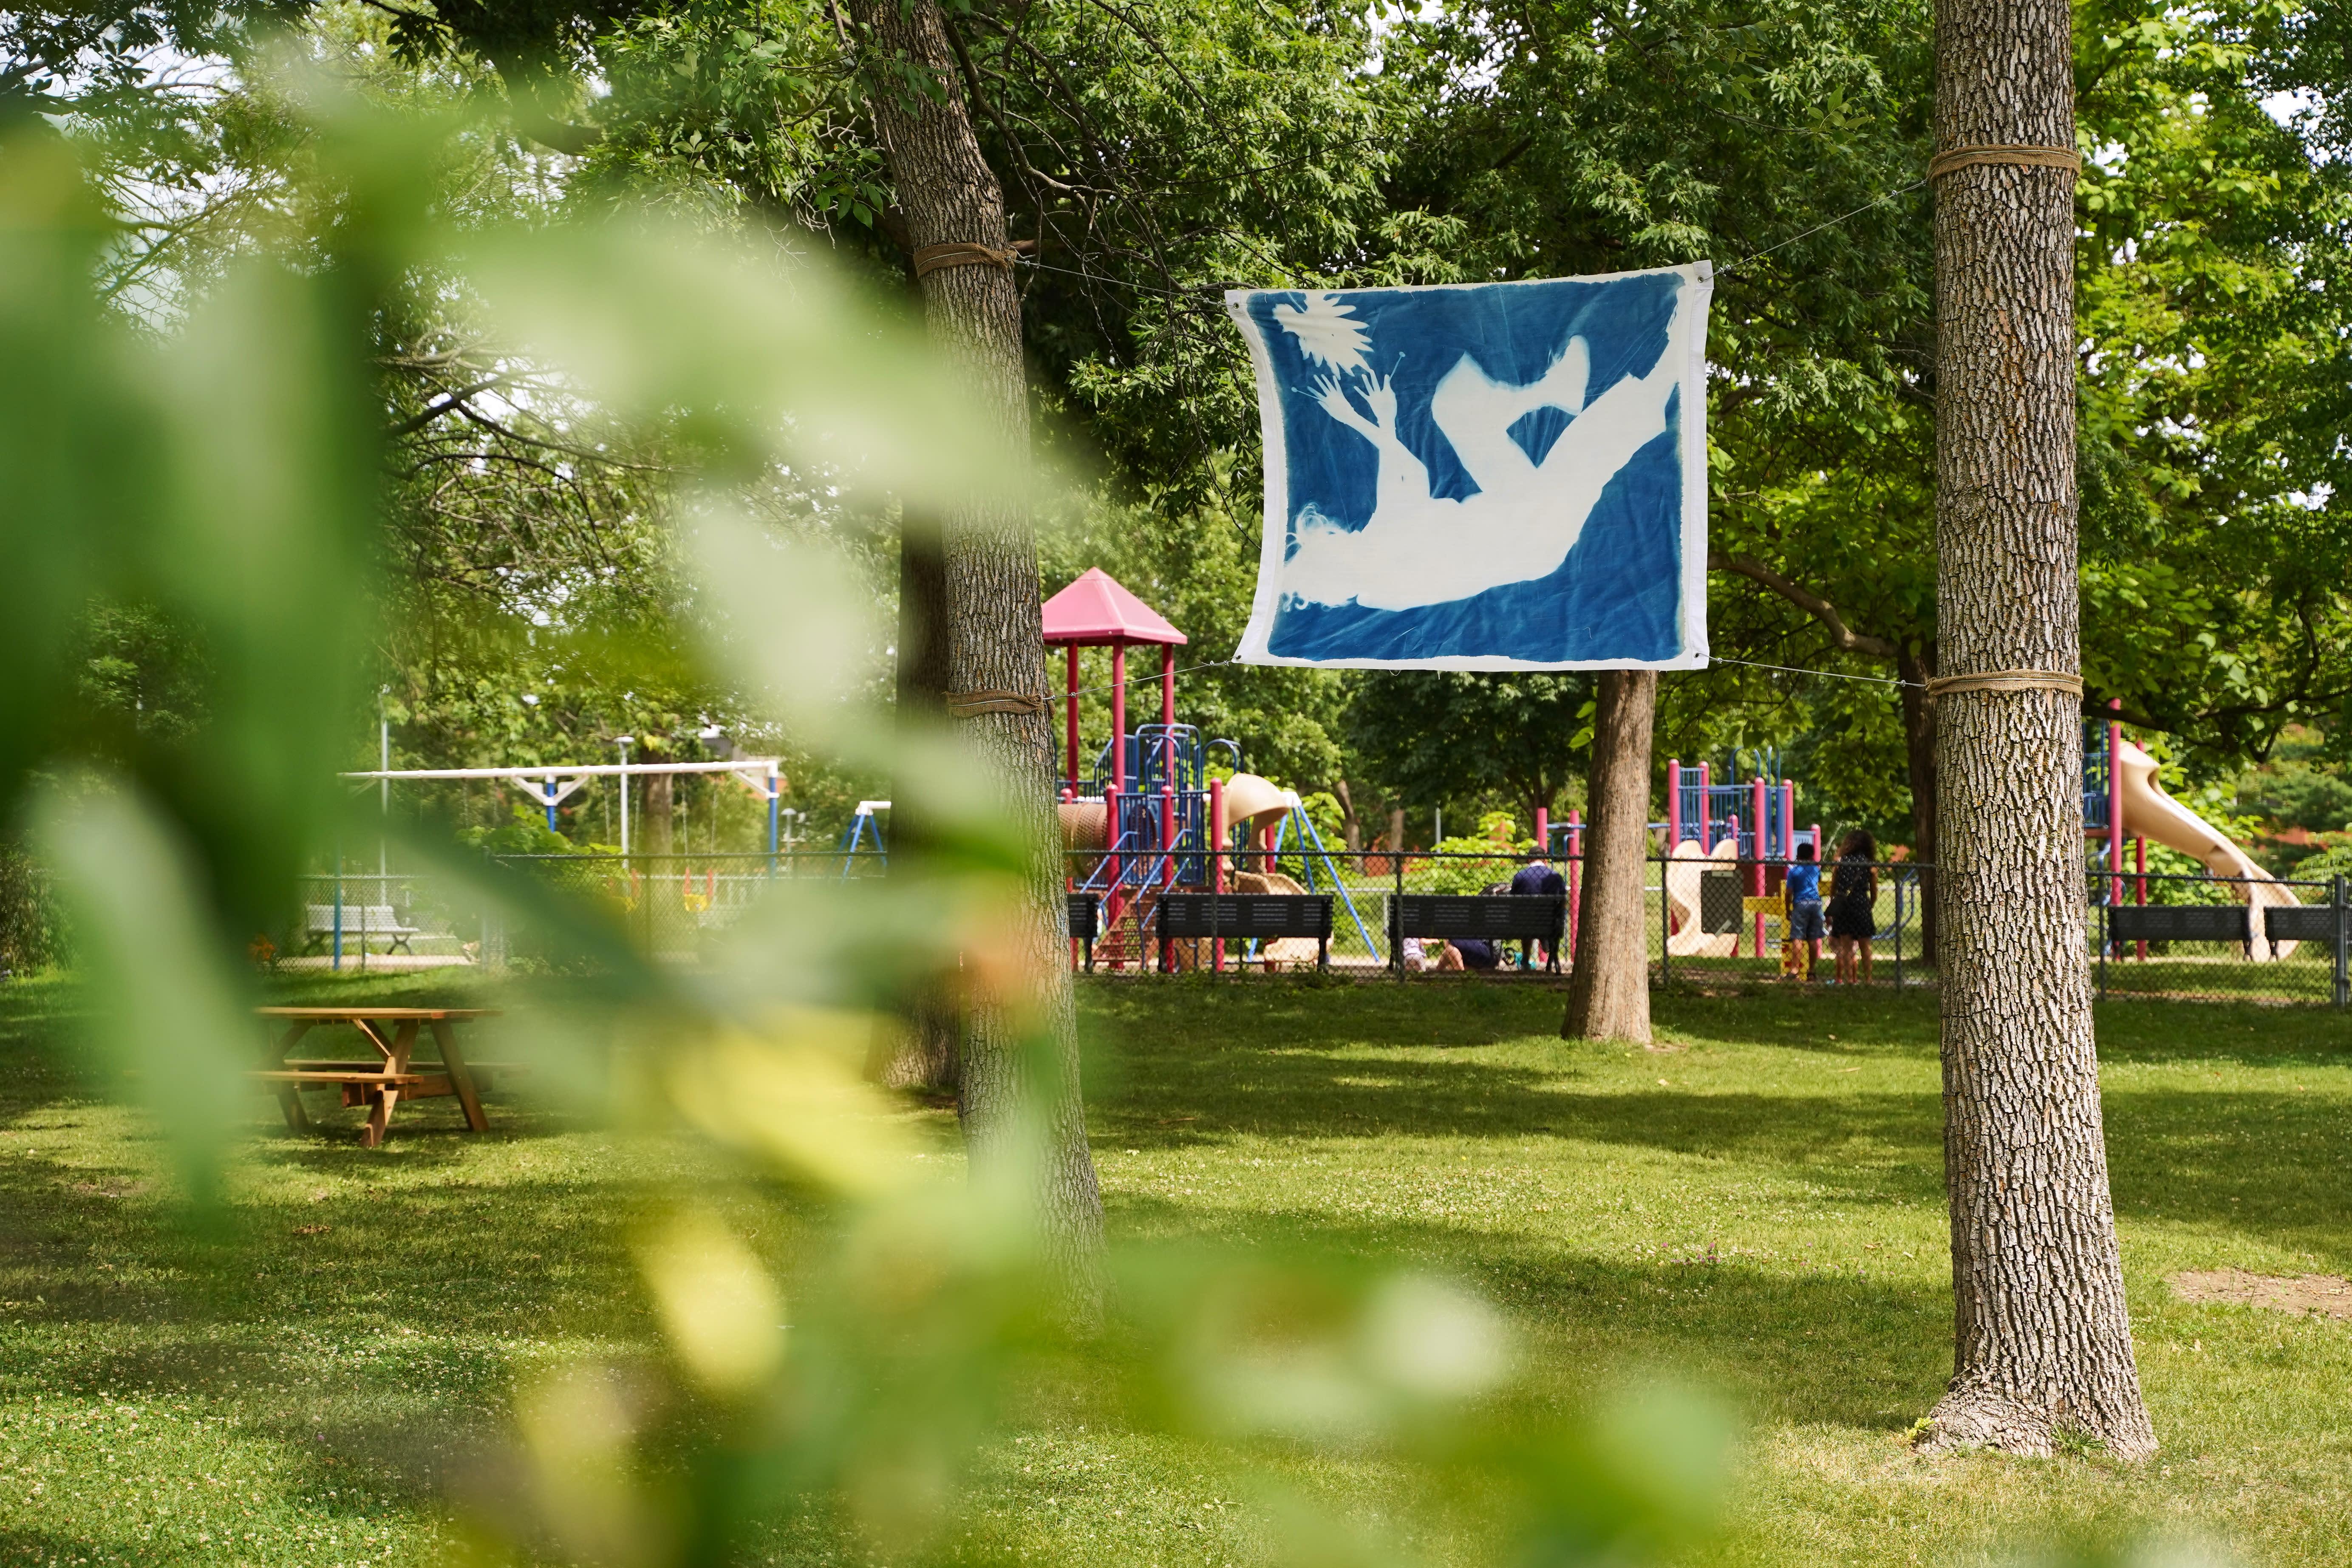 Bleu des rêves, 2020 (Tanha Gomes), Parc Tolhurst, Ahuntsic-Cartierville